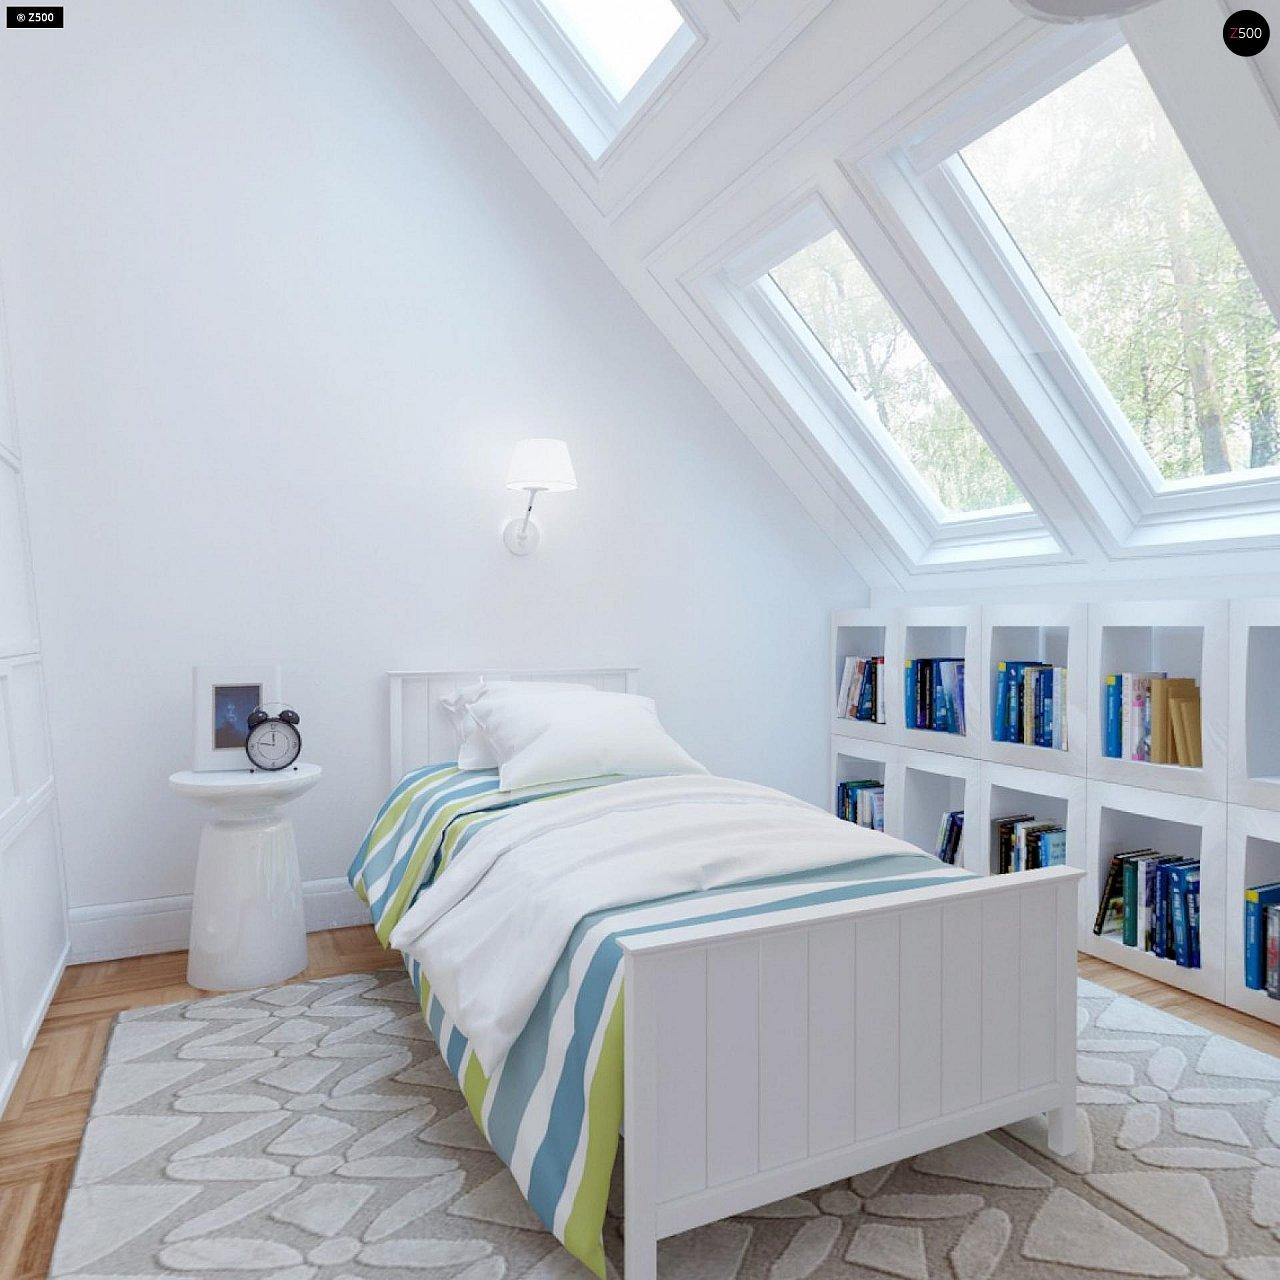 Удобный и красивый дом с красивым окном во фронтоне. 12